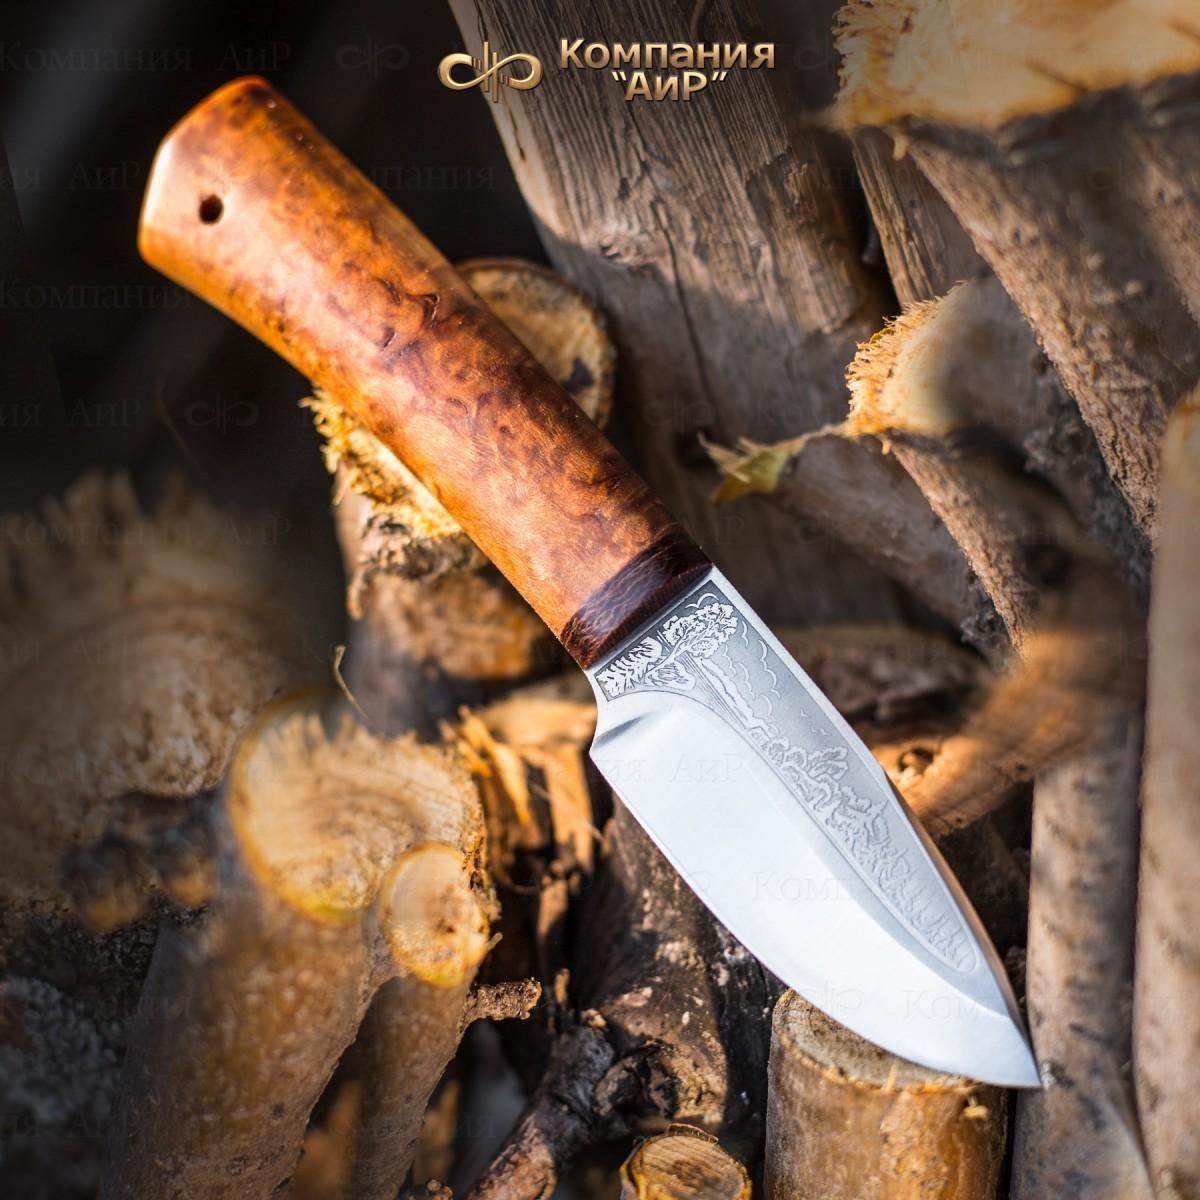 Нож разделочный АиР Добрый, сталь 100х13м, рукоять карельская береза